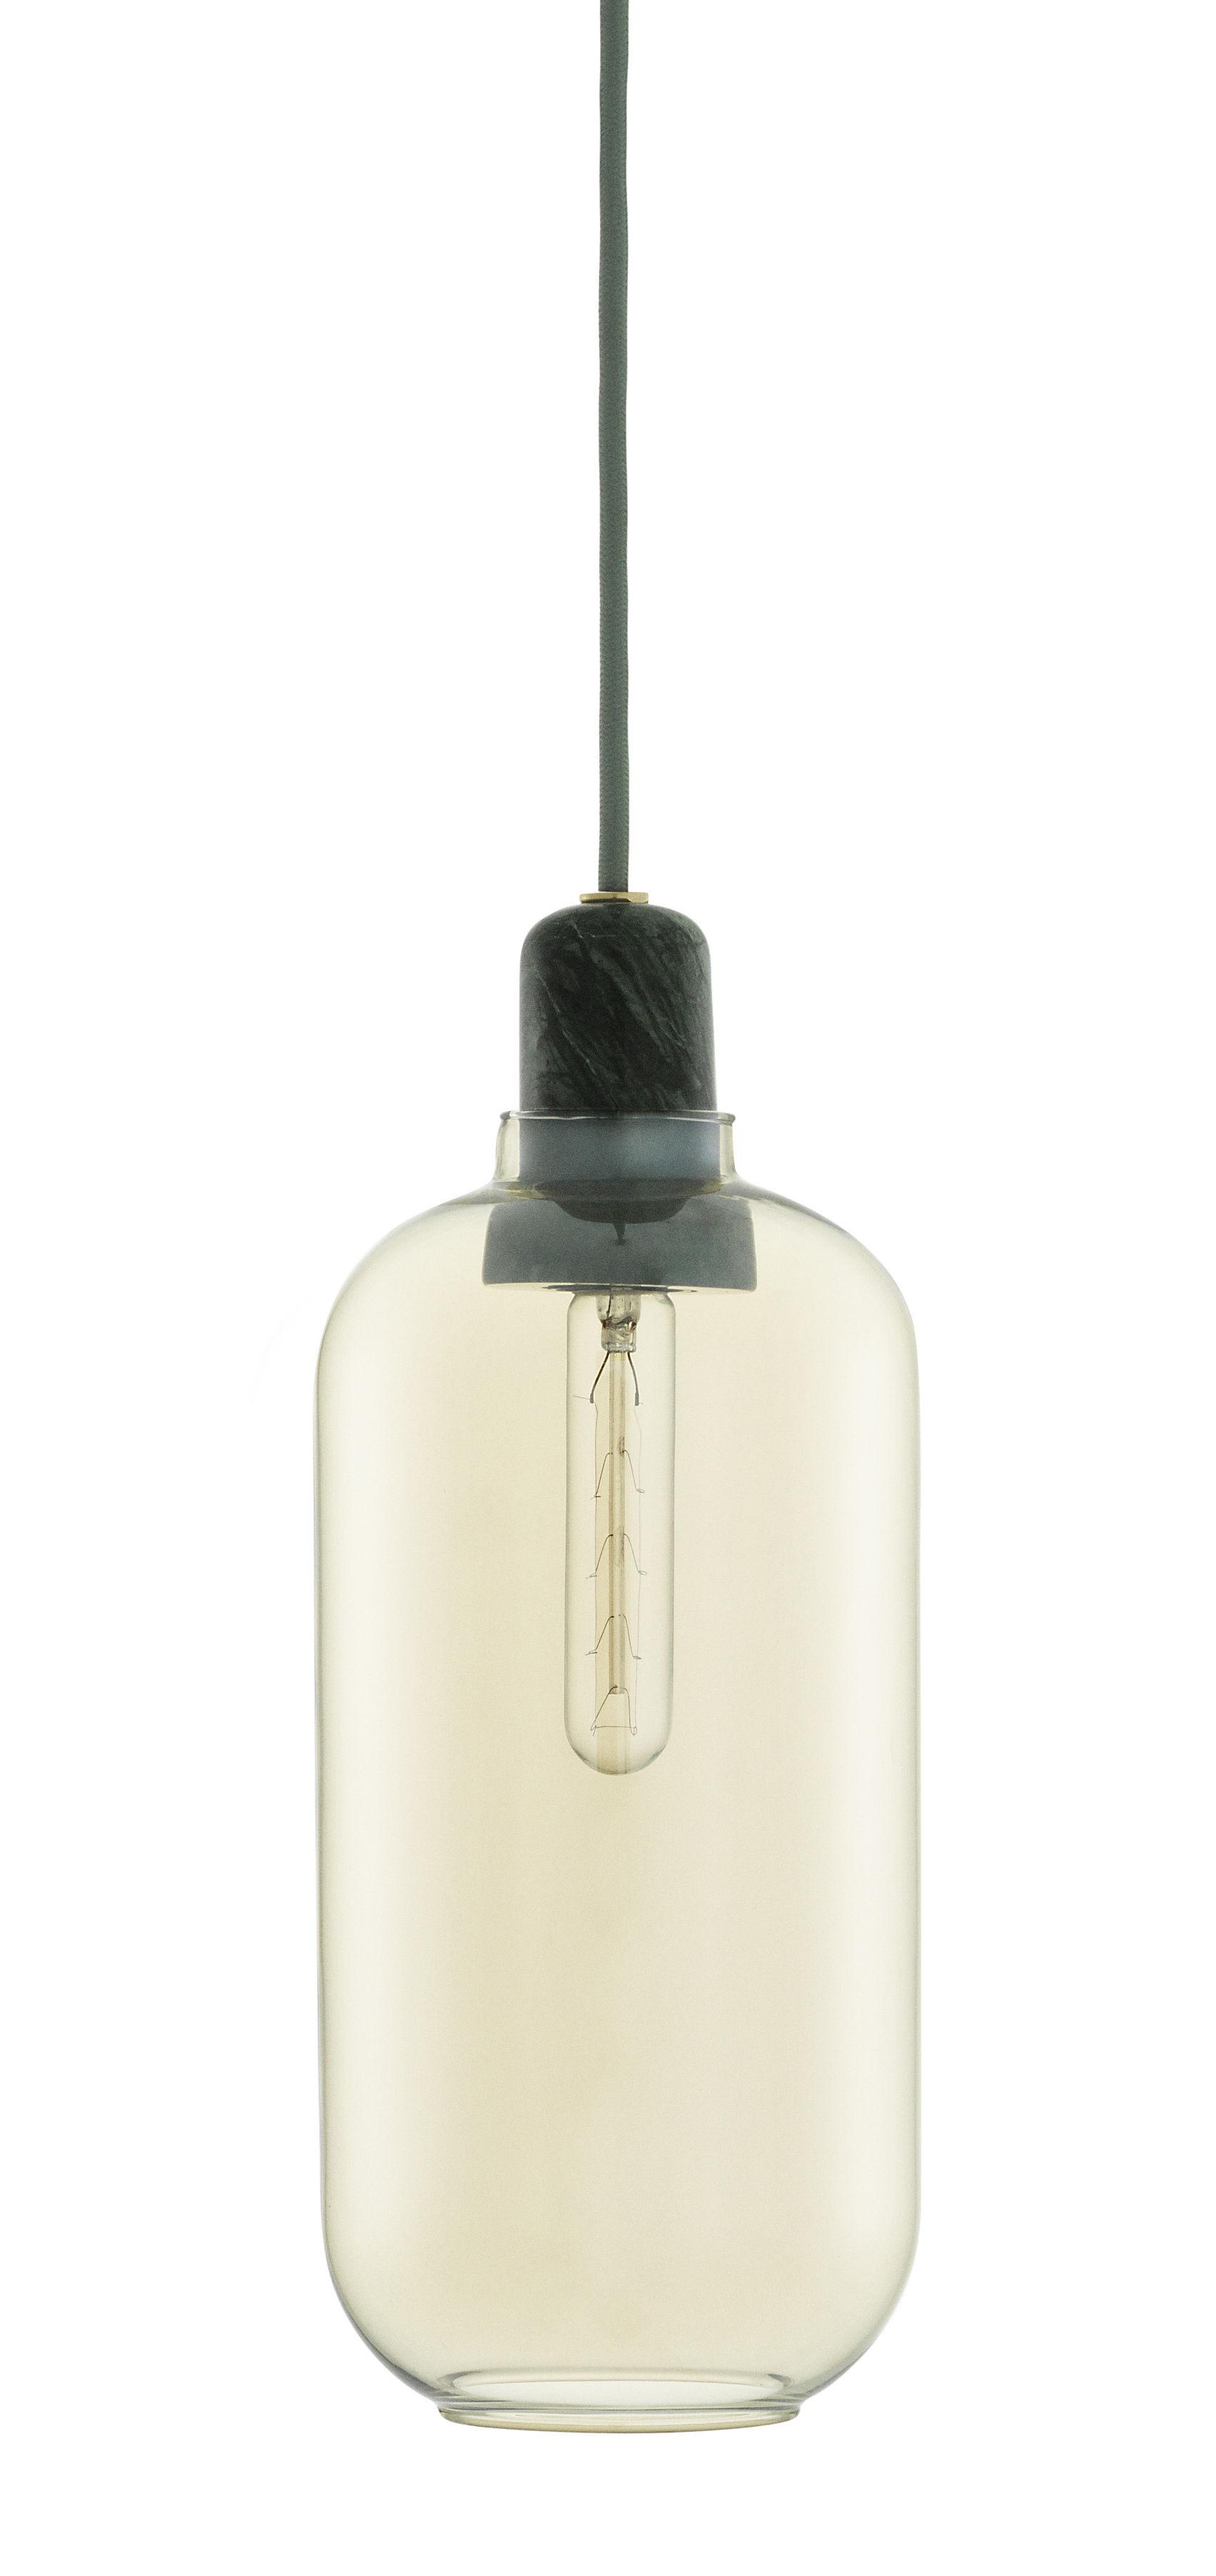 Luminaire - Suspensions - Suspension Amp Large / Ø 11,2 x H 26 cm - Verre & marbre - Normann Copenhagen - Doré / Marbre vert jade - Marbre, Verre